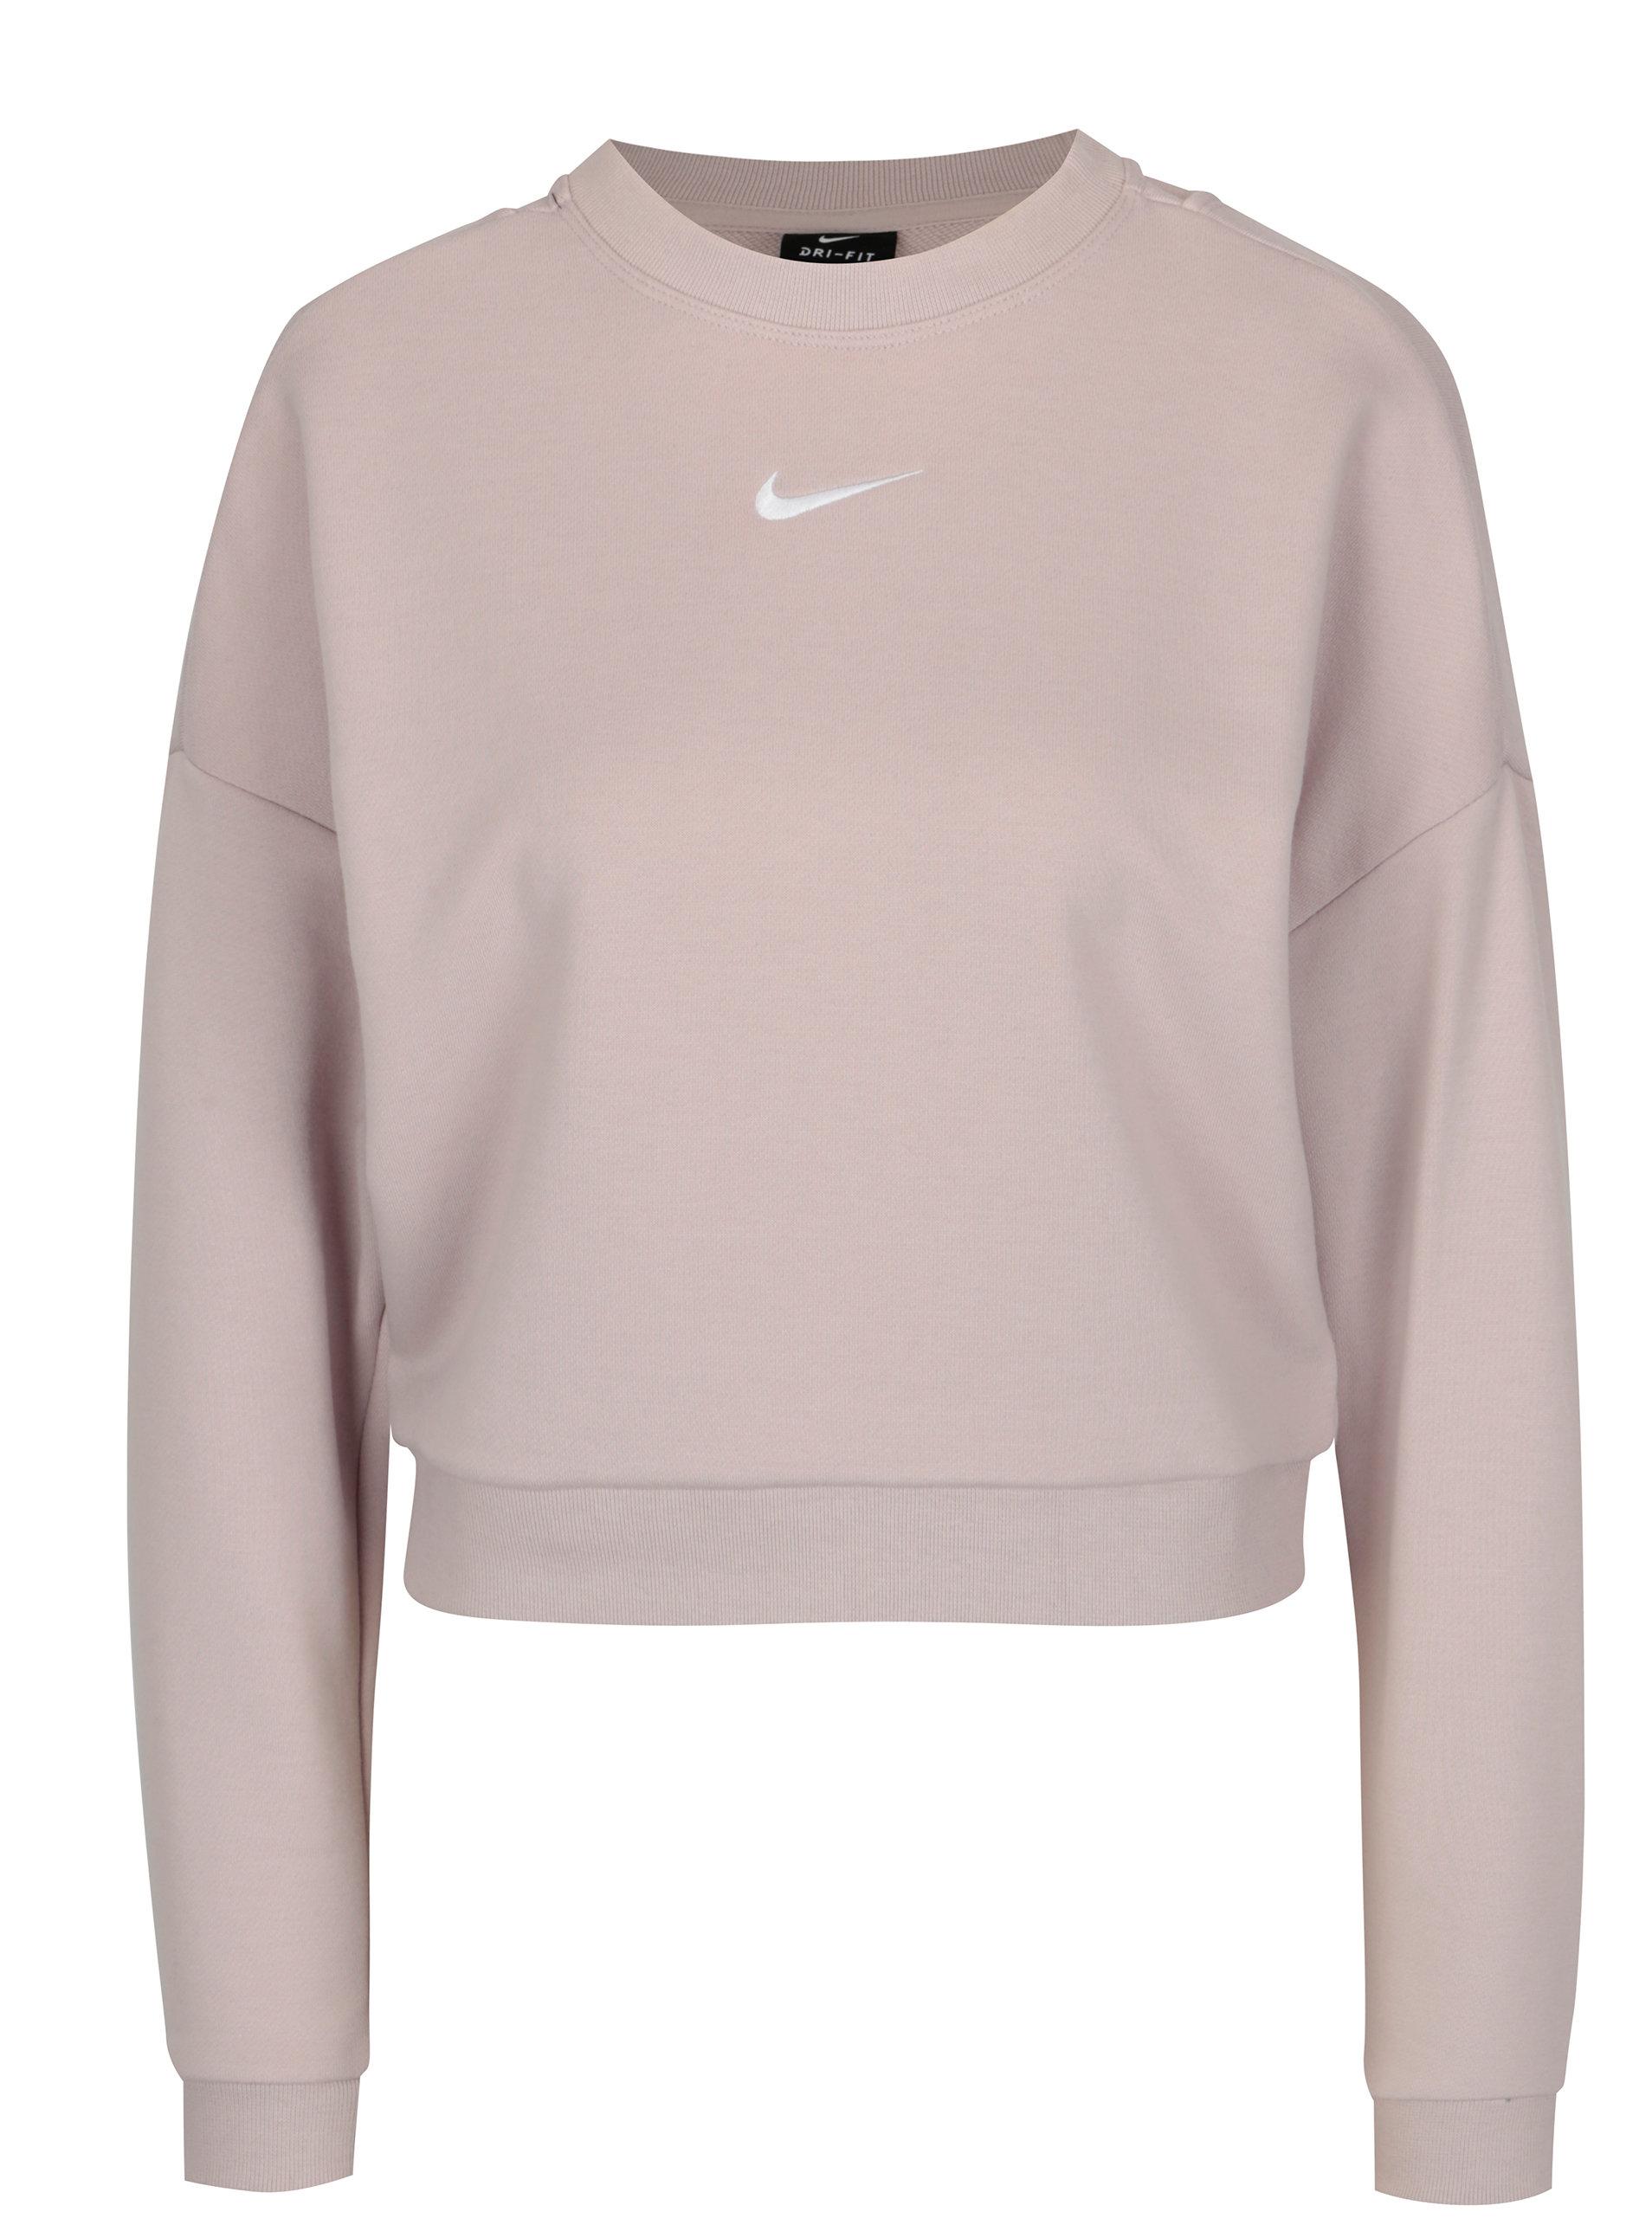 ea18f1b5a90 Růžová dámská funkční crop mikina Nike CREWNECK CROP ...